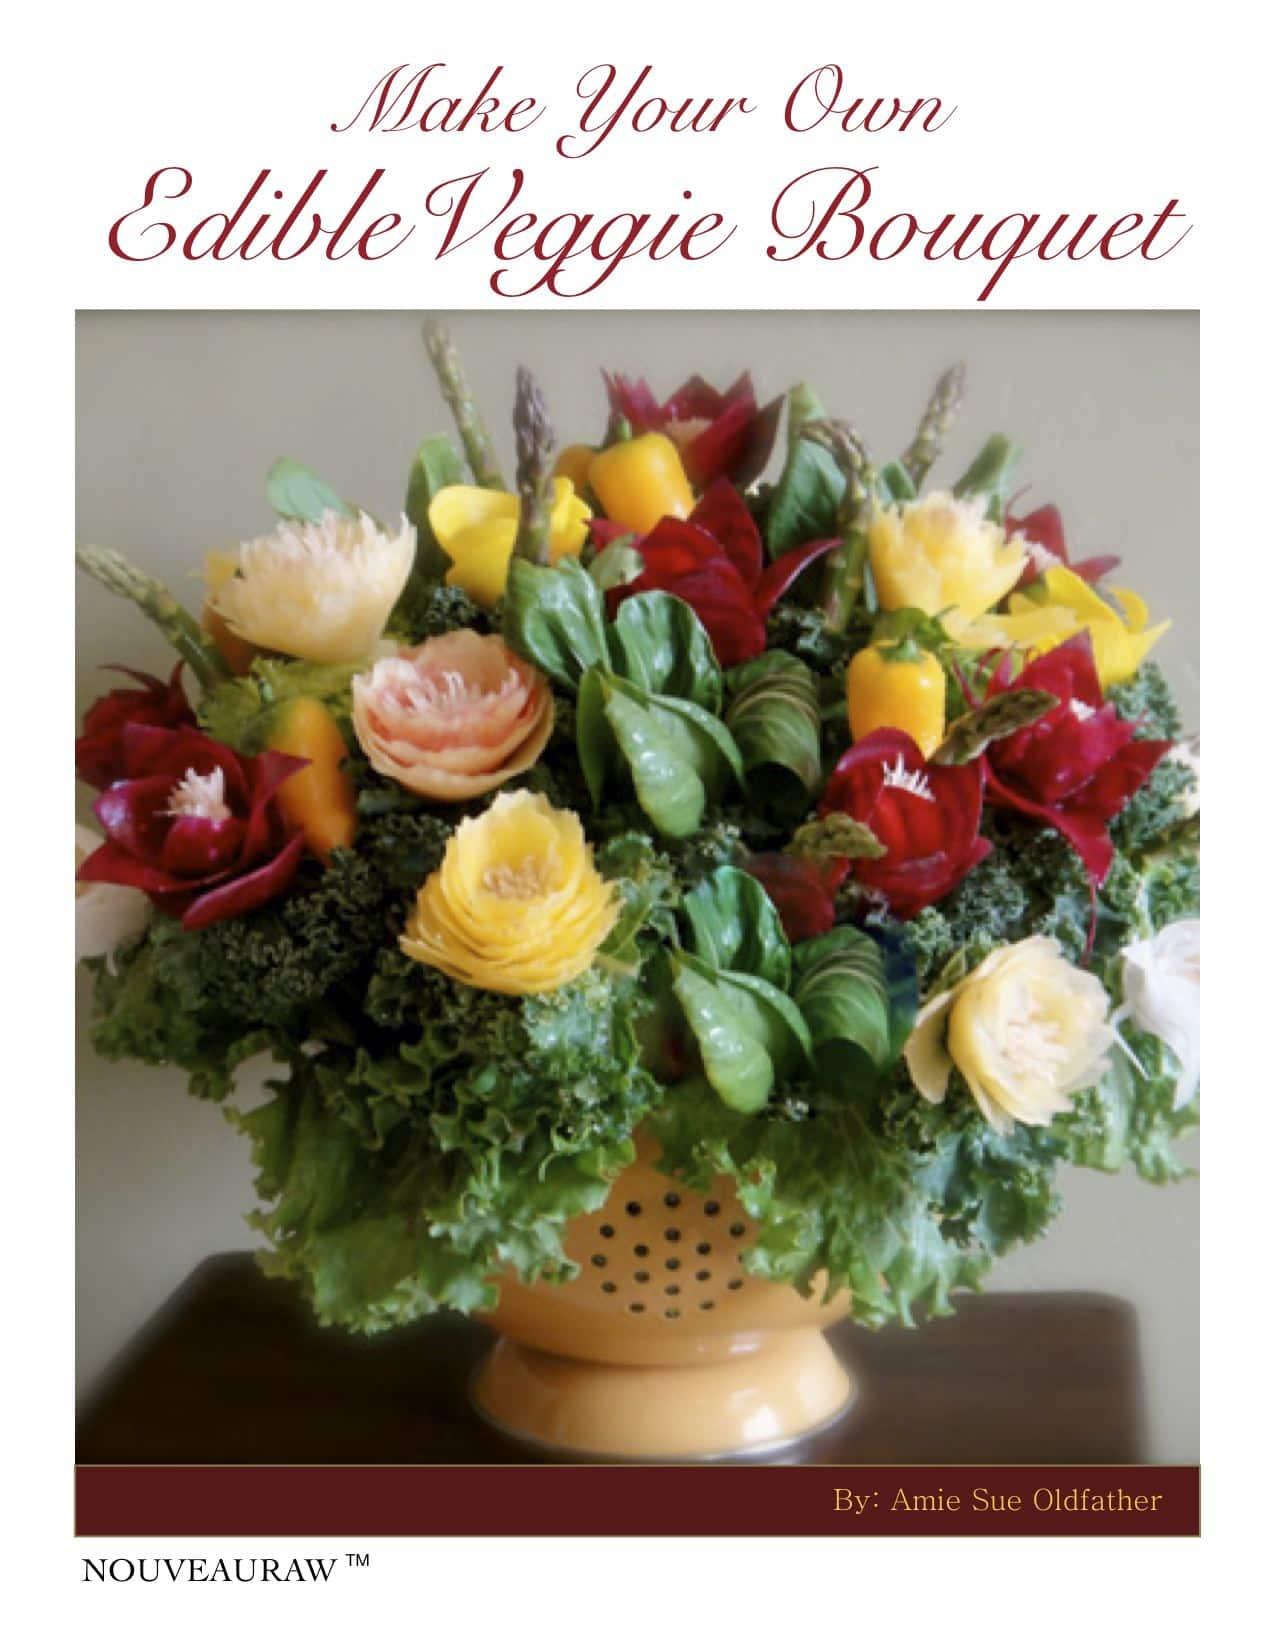 Veggie Bouquet Book